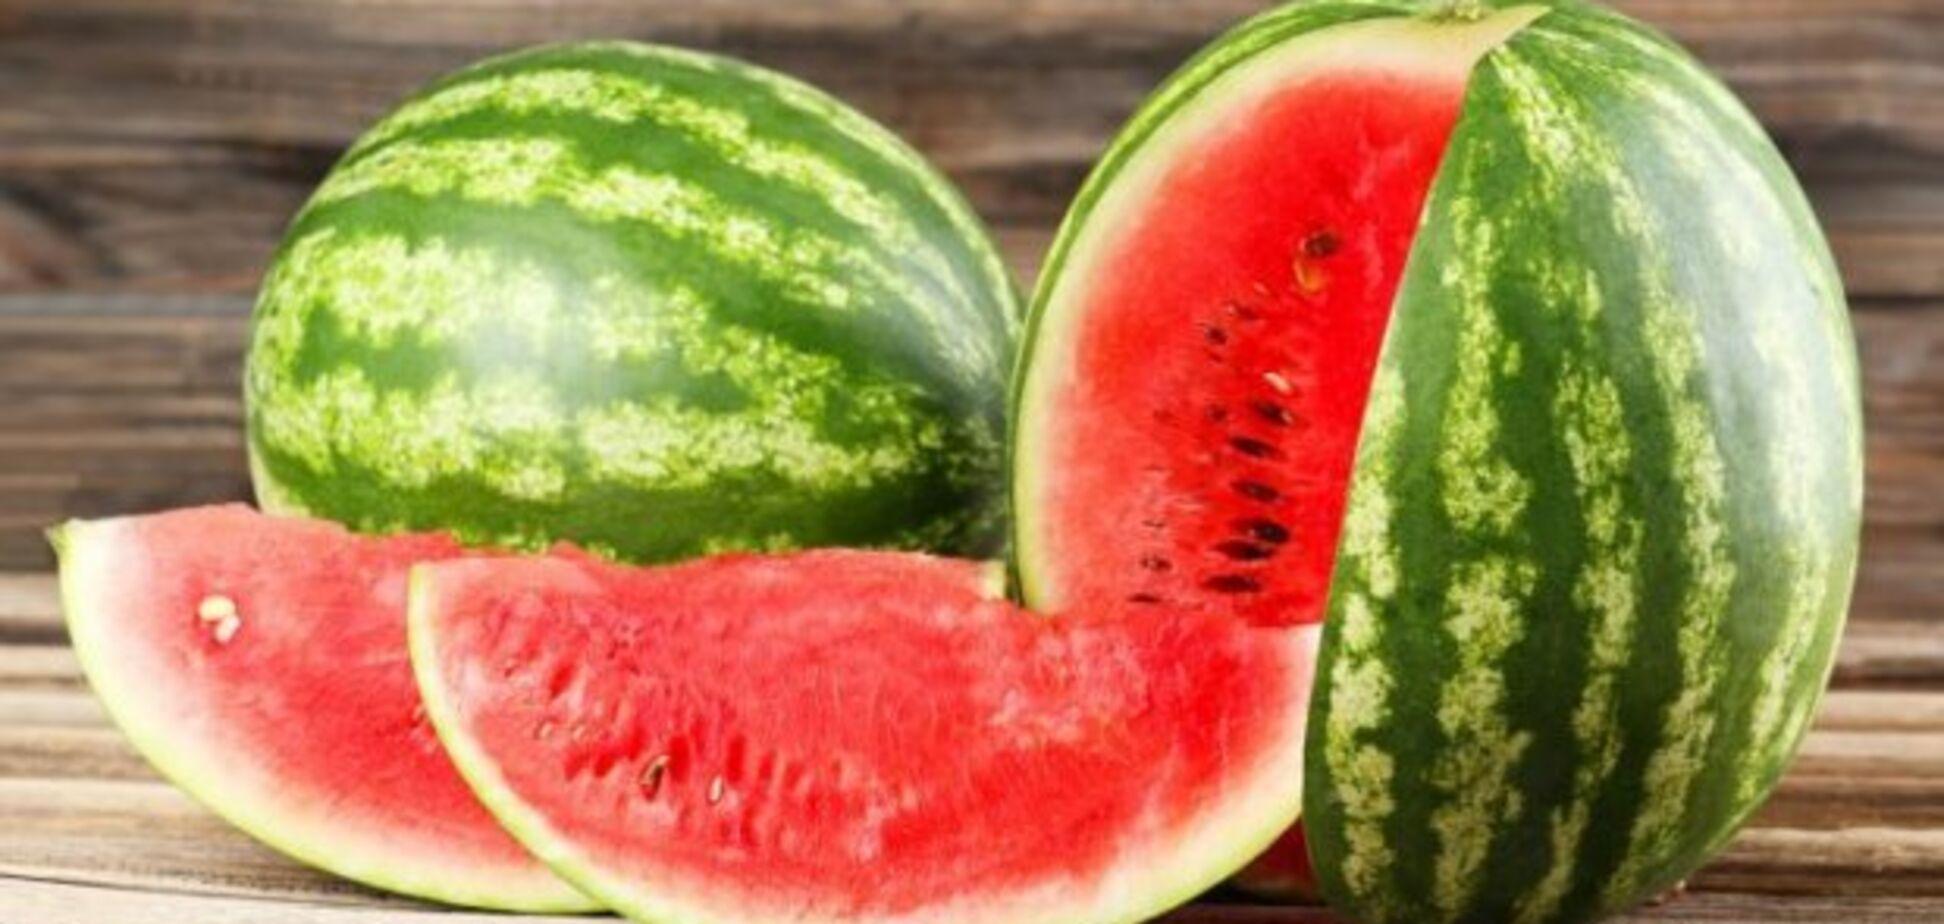 Соленый арбуз и квашеные помидоры: рецепт